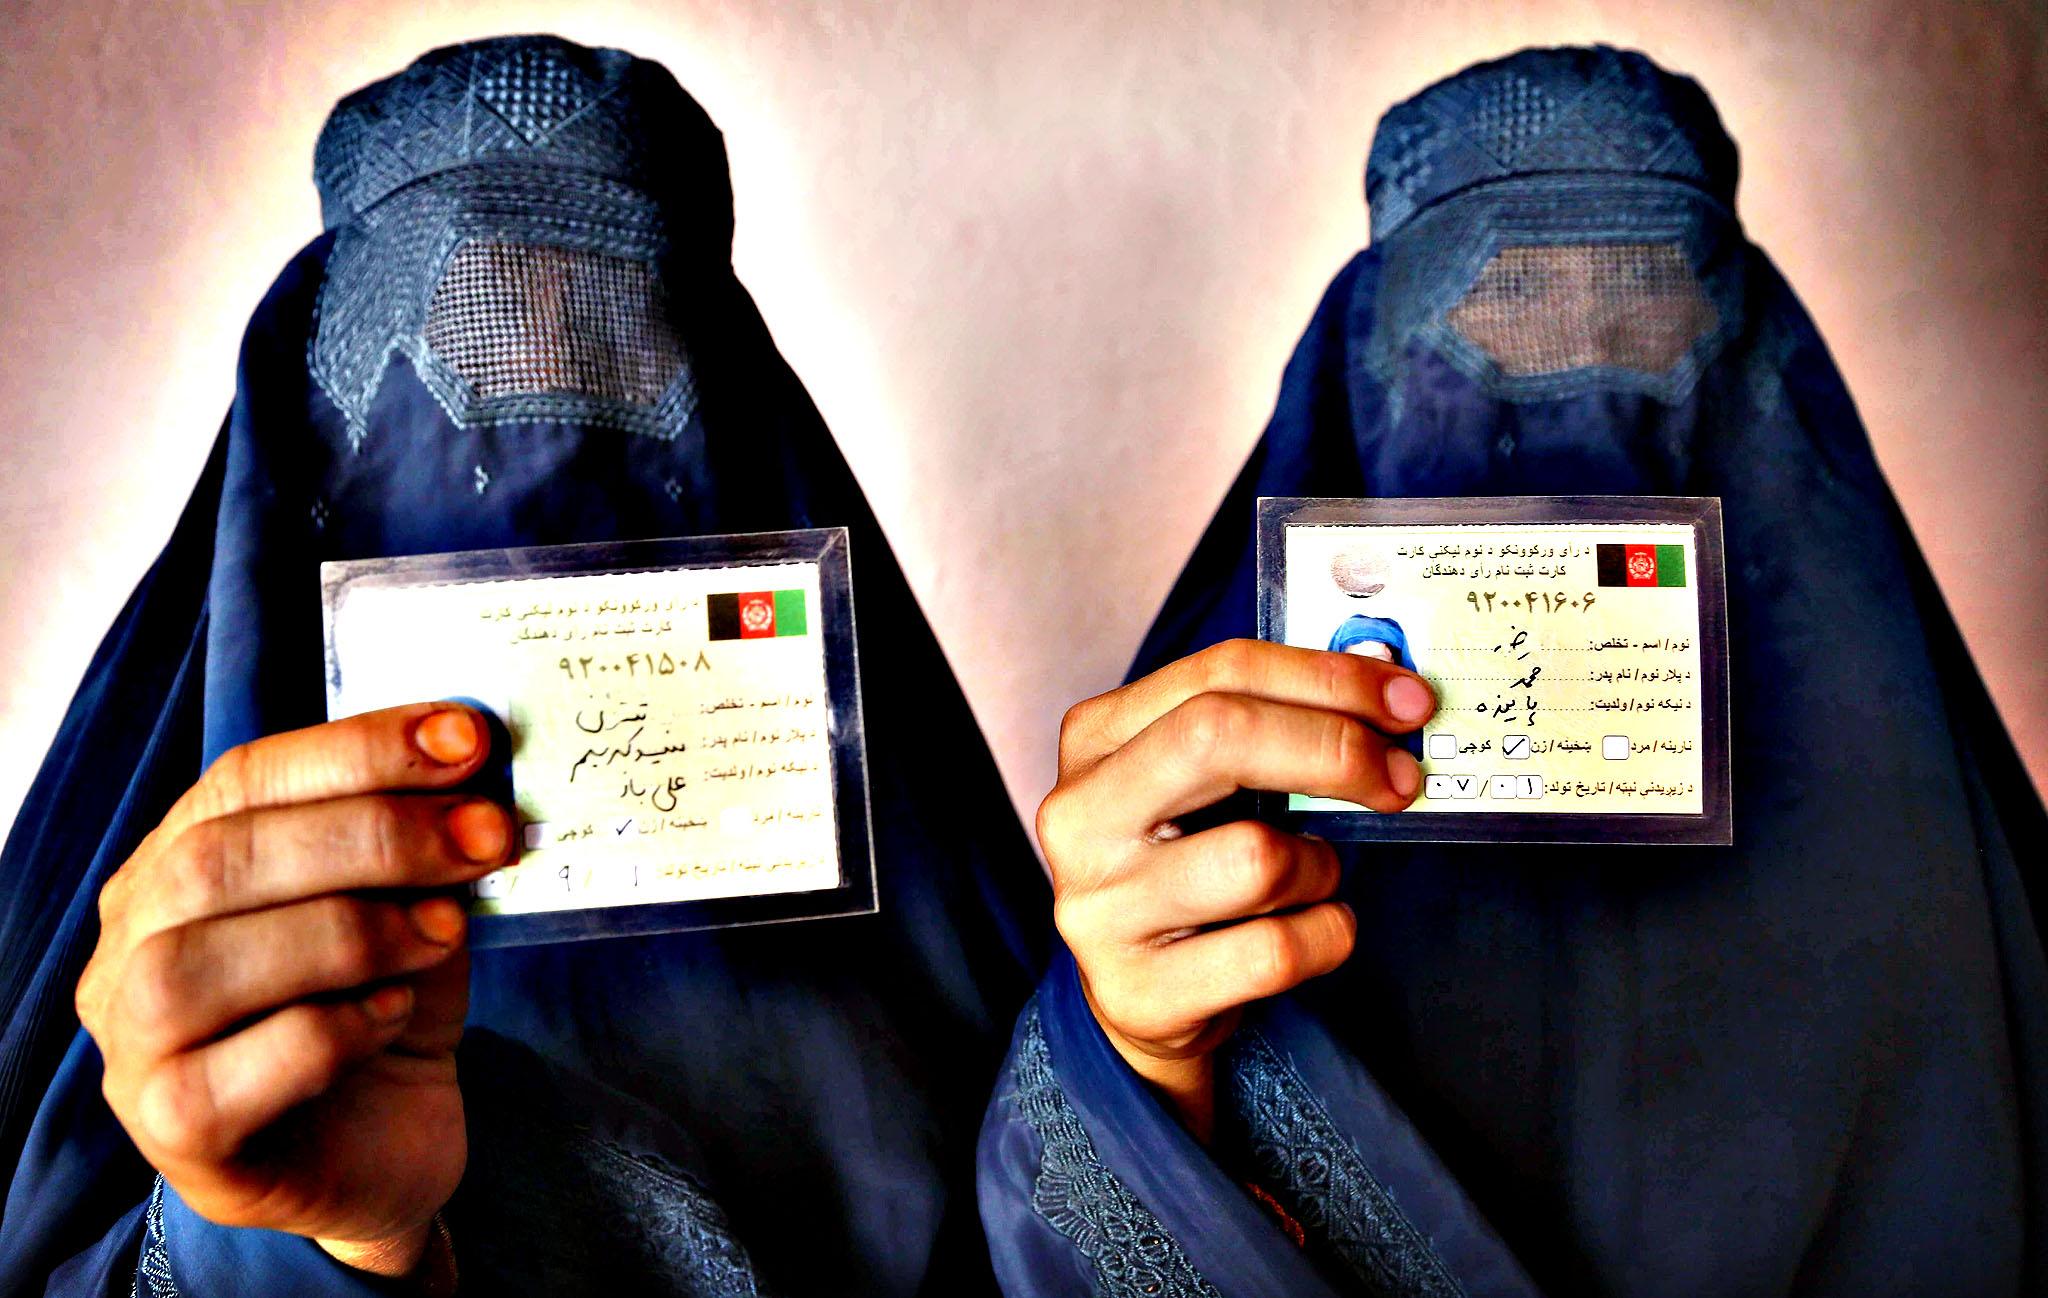 مشارکت ۶۰ درصدی در انتخابات ریاست جمهوری افغانستان